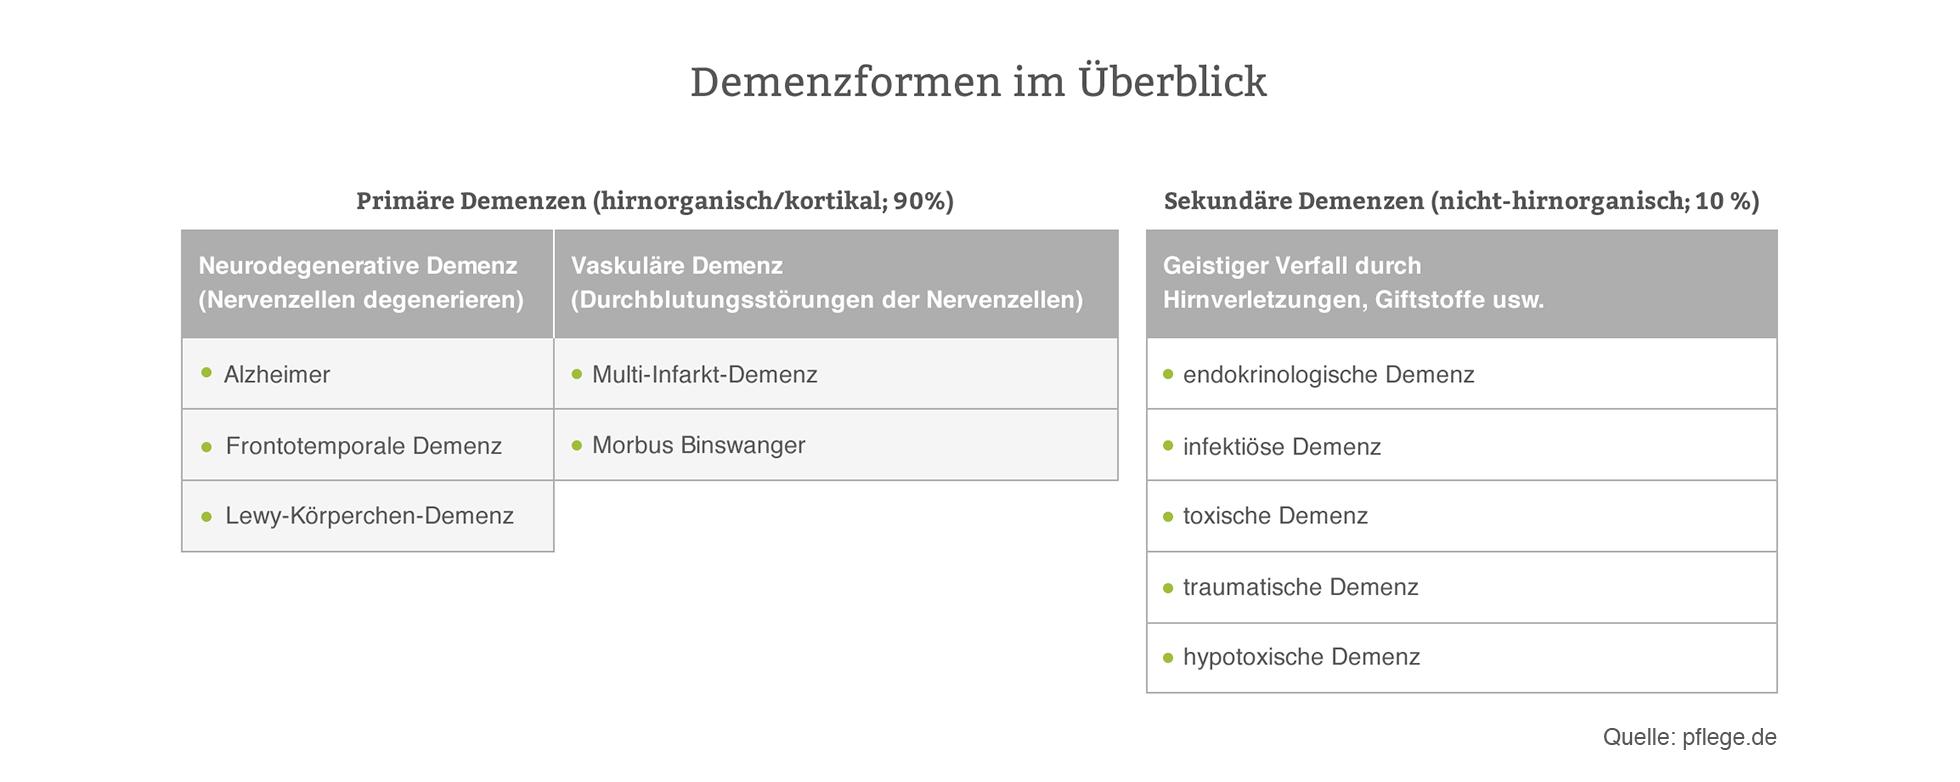 Demenz » Demenzformen, Symptome & Verlauf